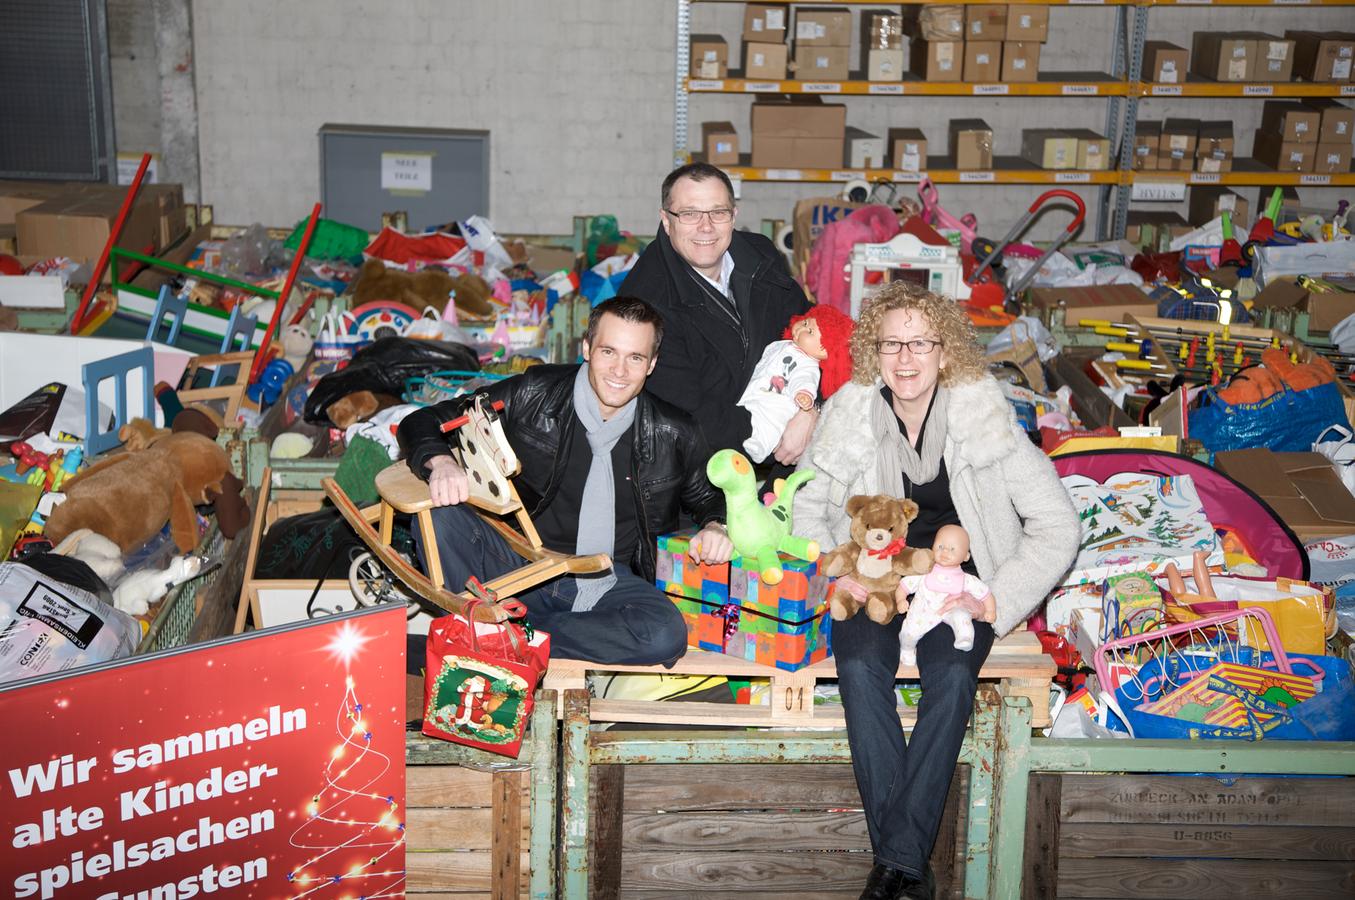 Im Jahr 2009 sammelten wir alte Kinderspielsachen - mehrere Tonnen Spielzeug kamen damals zusammen! (© Ruckstuhl Garagen)